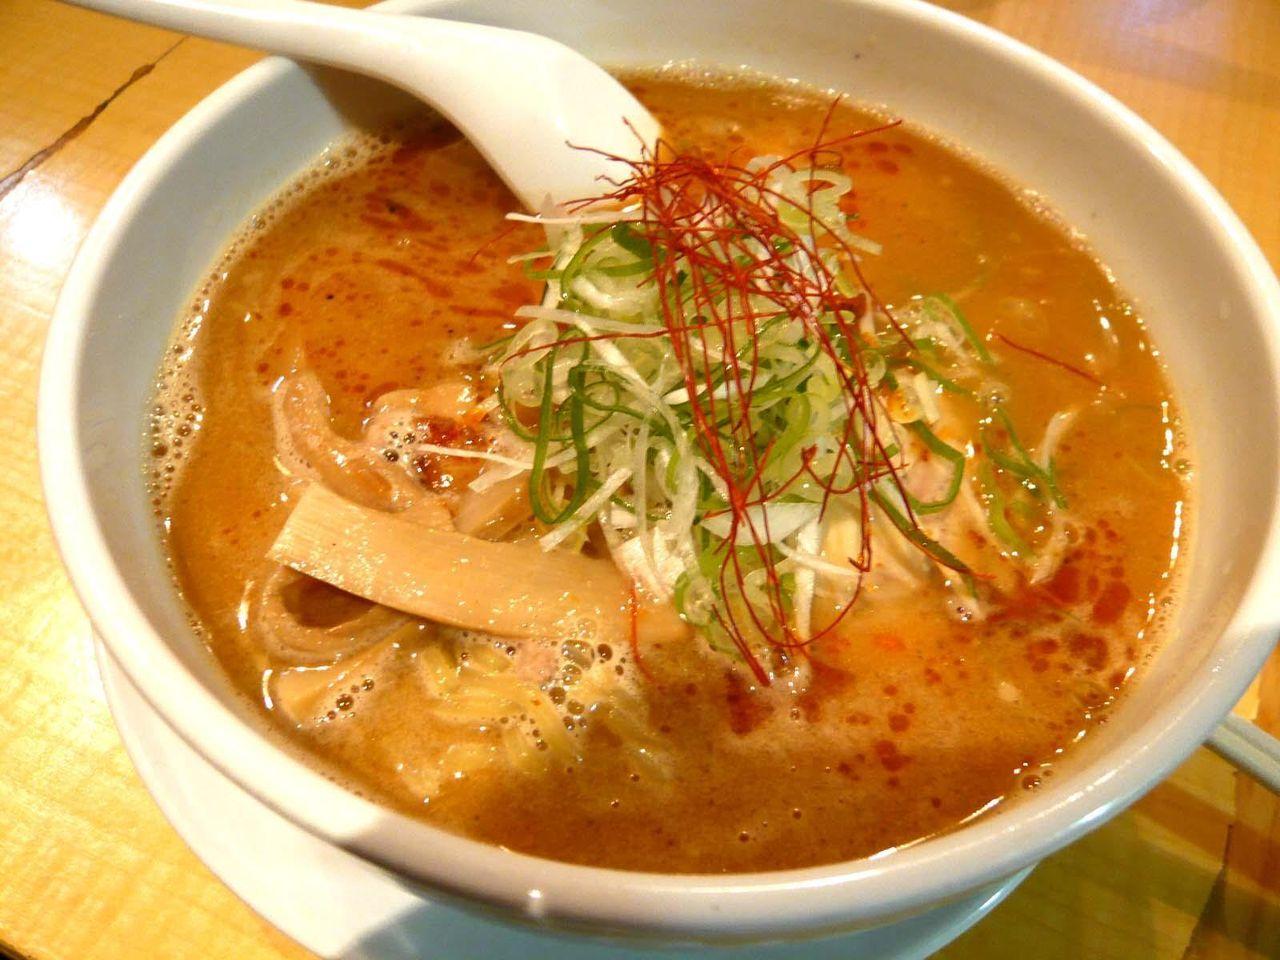 パンチの効いたピリ辛スープが旨い!辛味噌らーめん850円